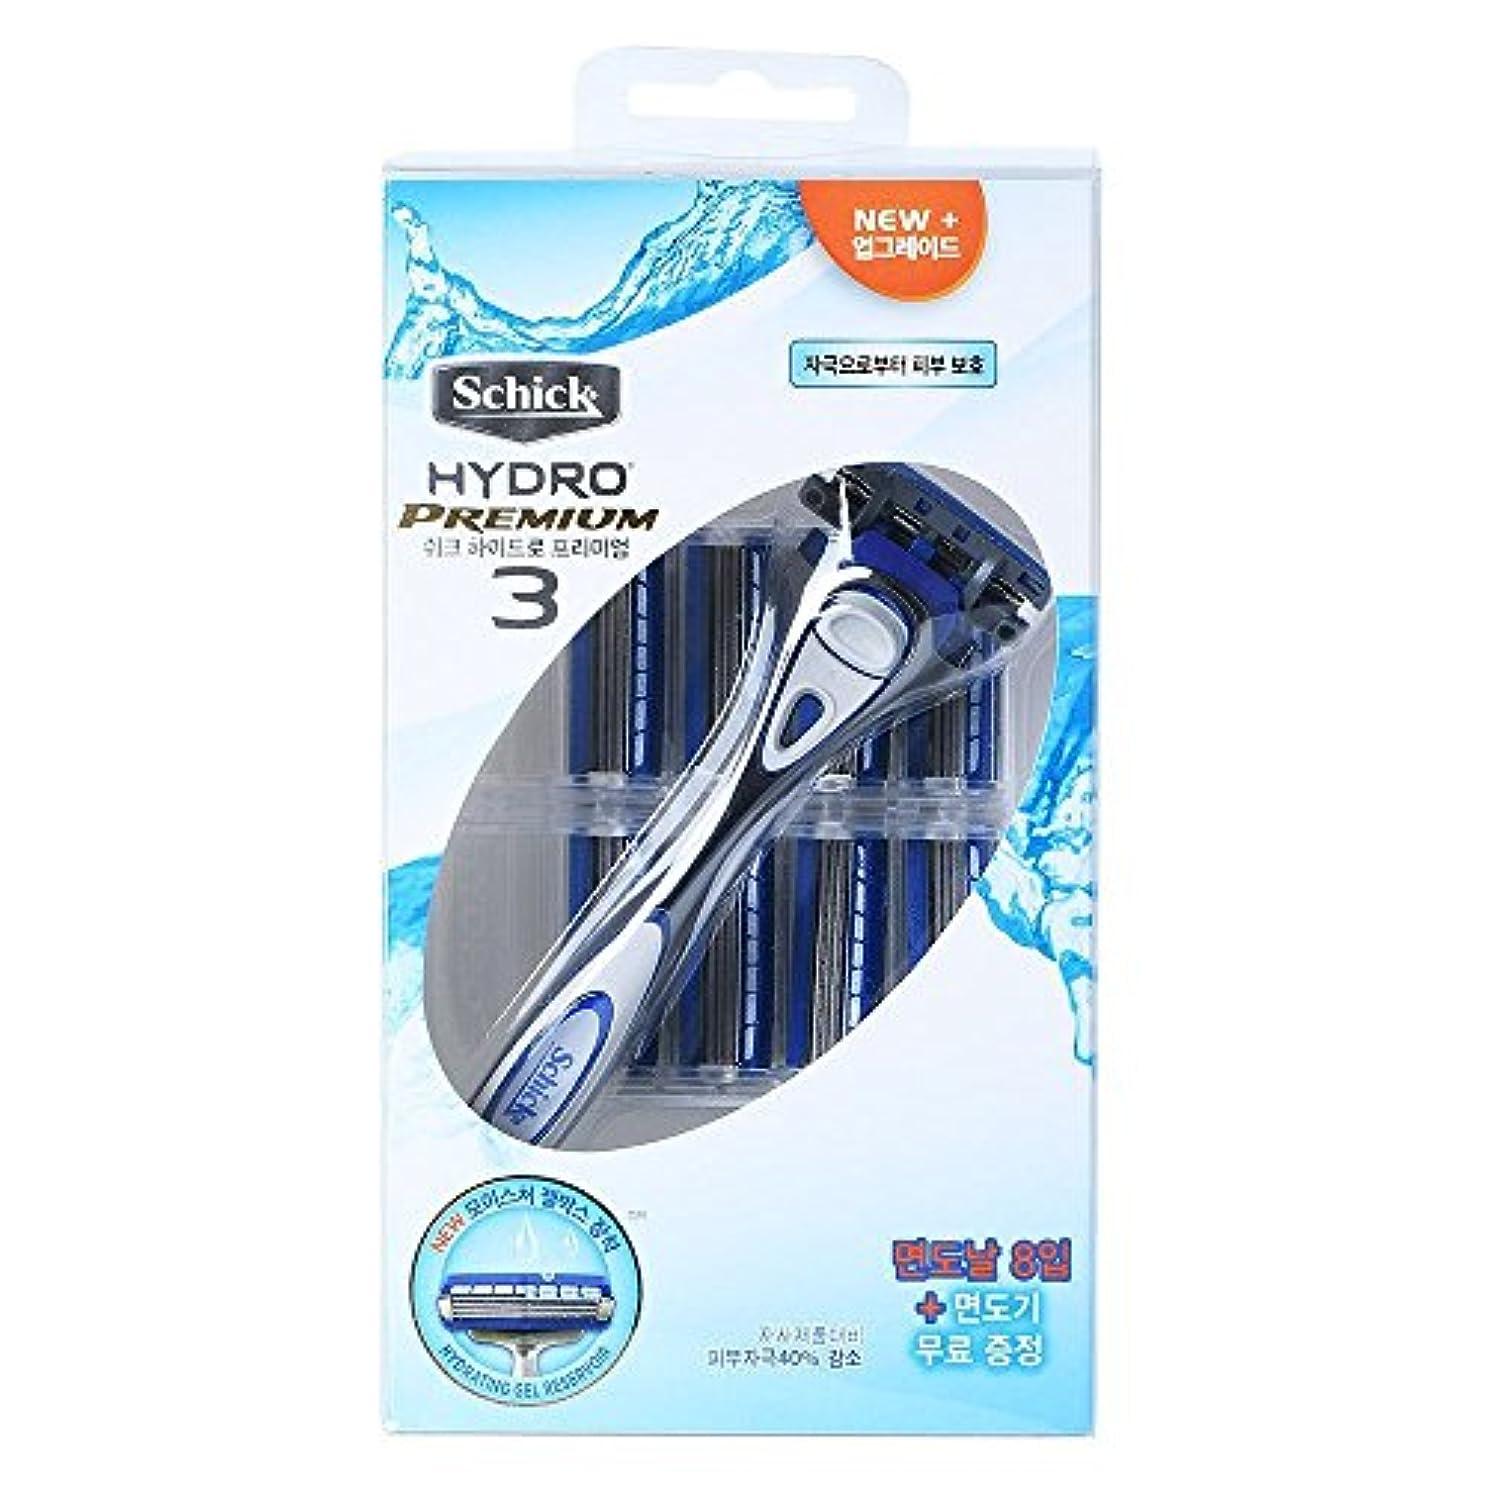 一回覆す好きであるSchick HYDRO 3 Premium Shaving 1つの剃刀と9つのカートリッジリフィル [並行輸入品]